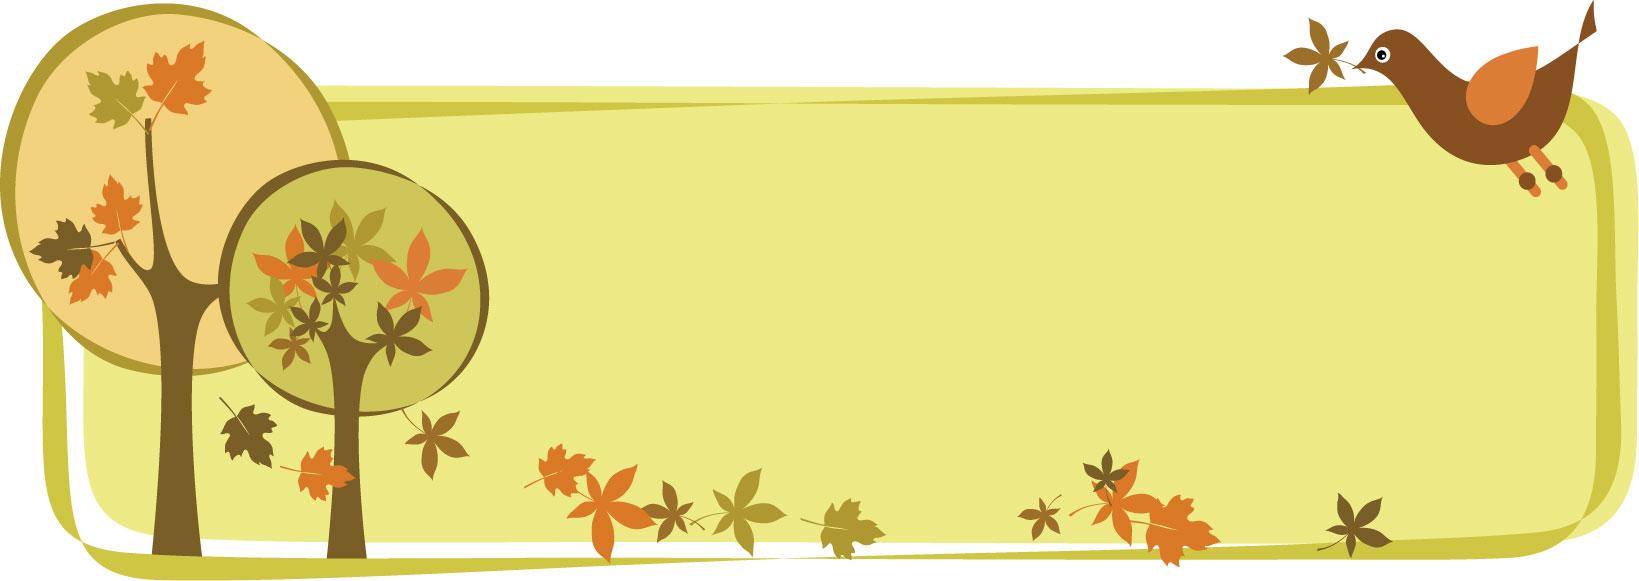 葉っぱ草木のイラストフリー素材フレーム枠no013秋の樹木